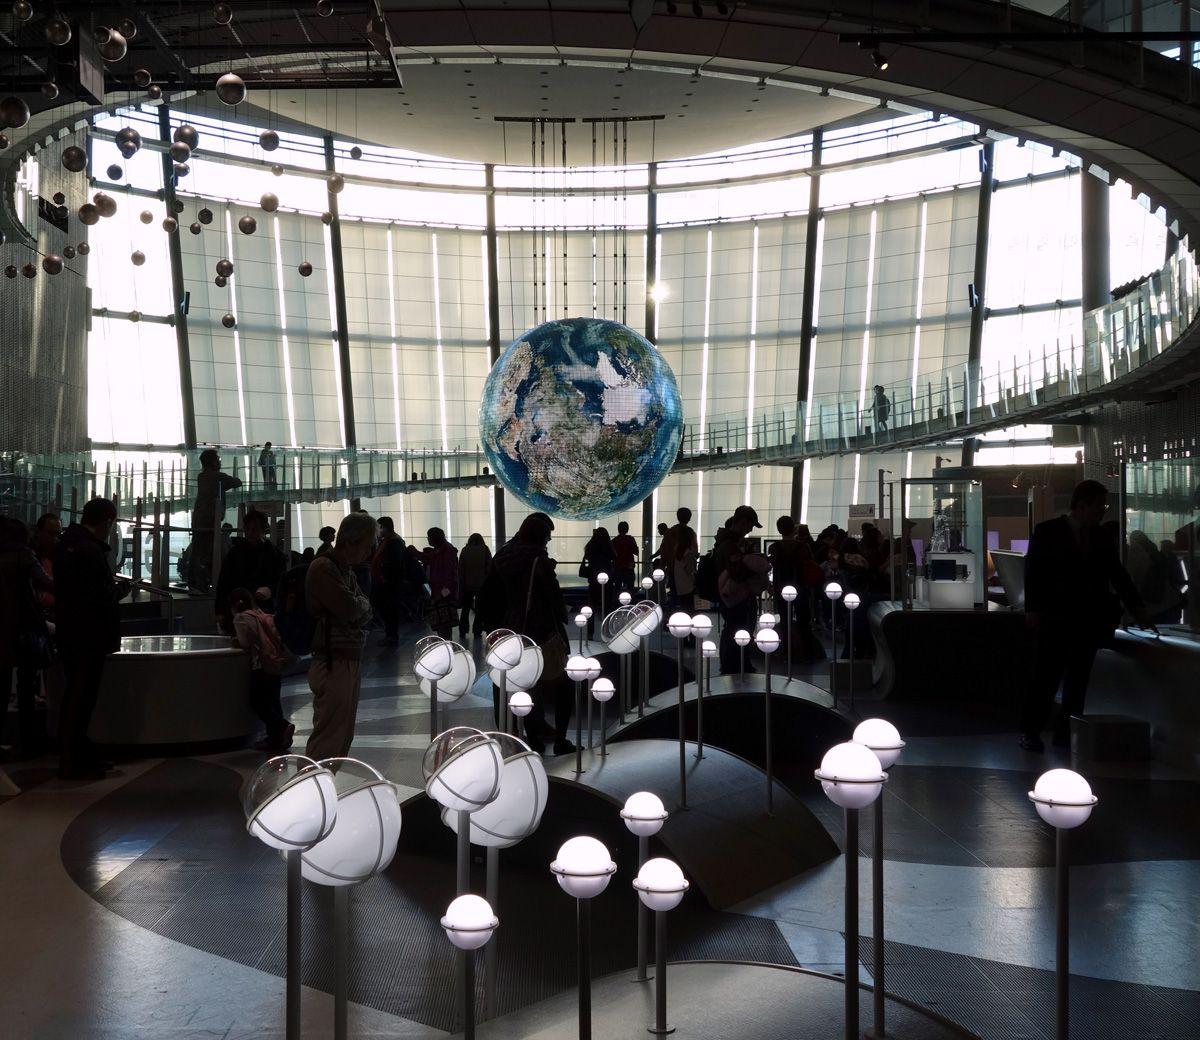 Tesyasblog Miraikan The National Museum Of Emerging Science And Tiket Garden By Bay Dewasa Ini Jpy620 Untuk Orang Dan Jpy210 Anak Jika Anda Mengunjungi Pada Hari Sabtu Di Bawah